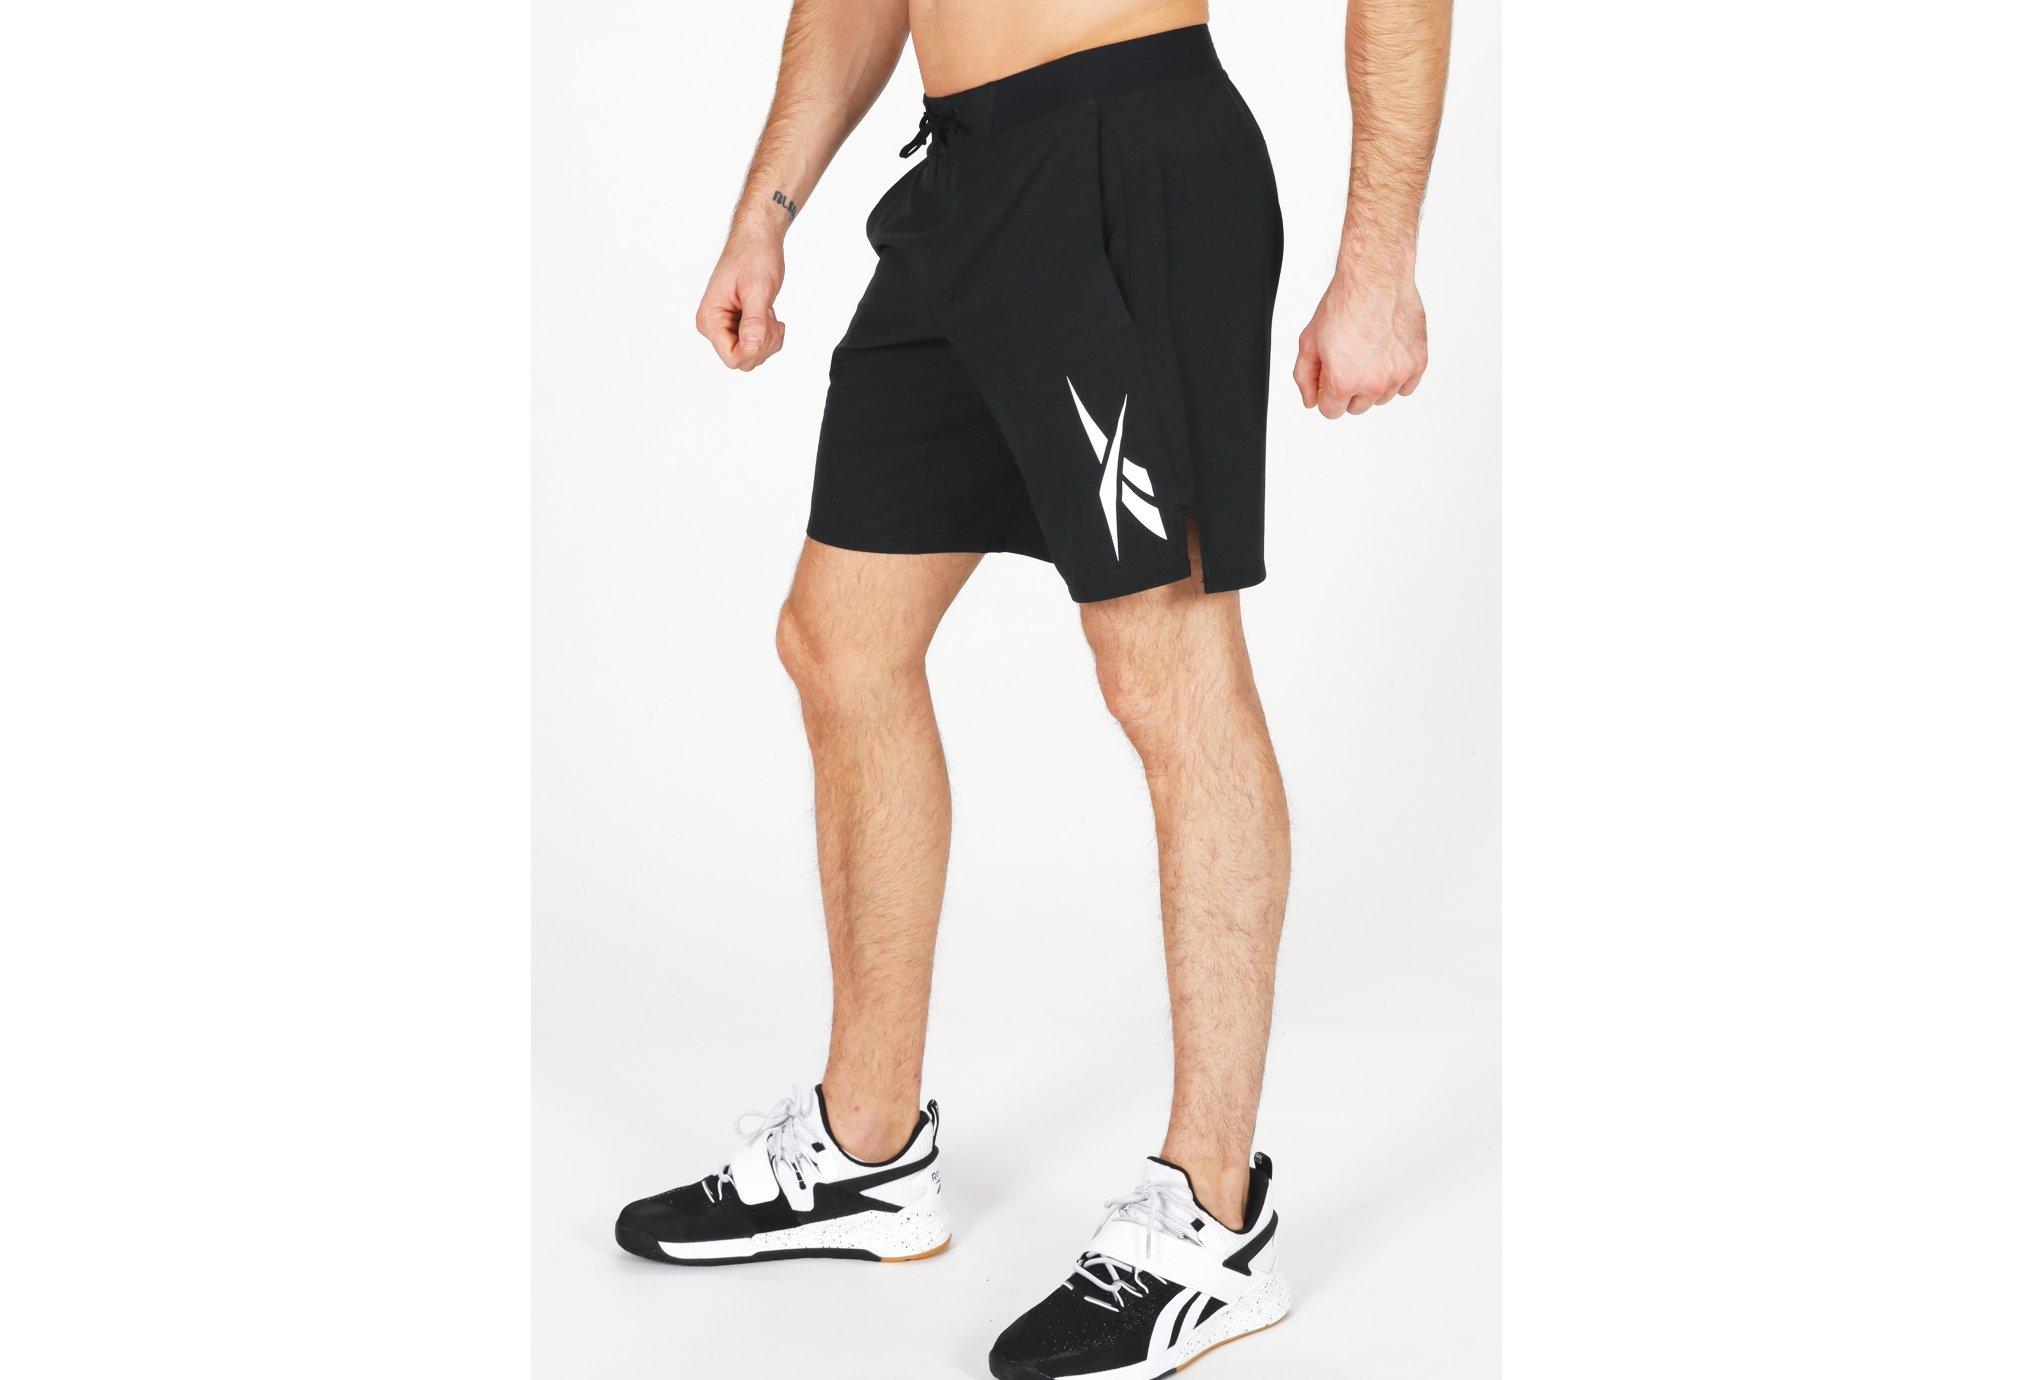 Reebok Epic Textured M vêtement running homme